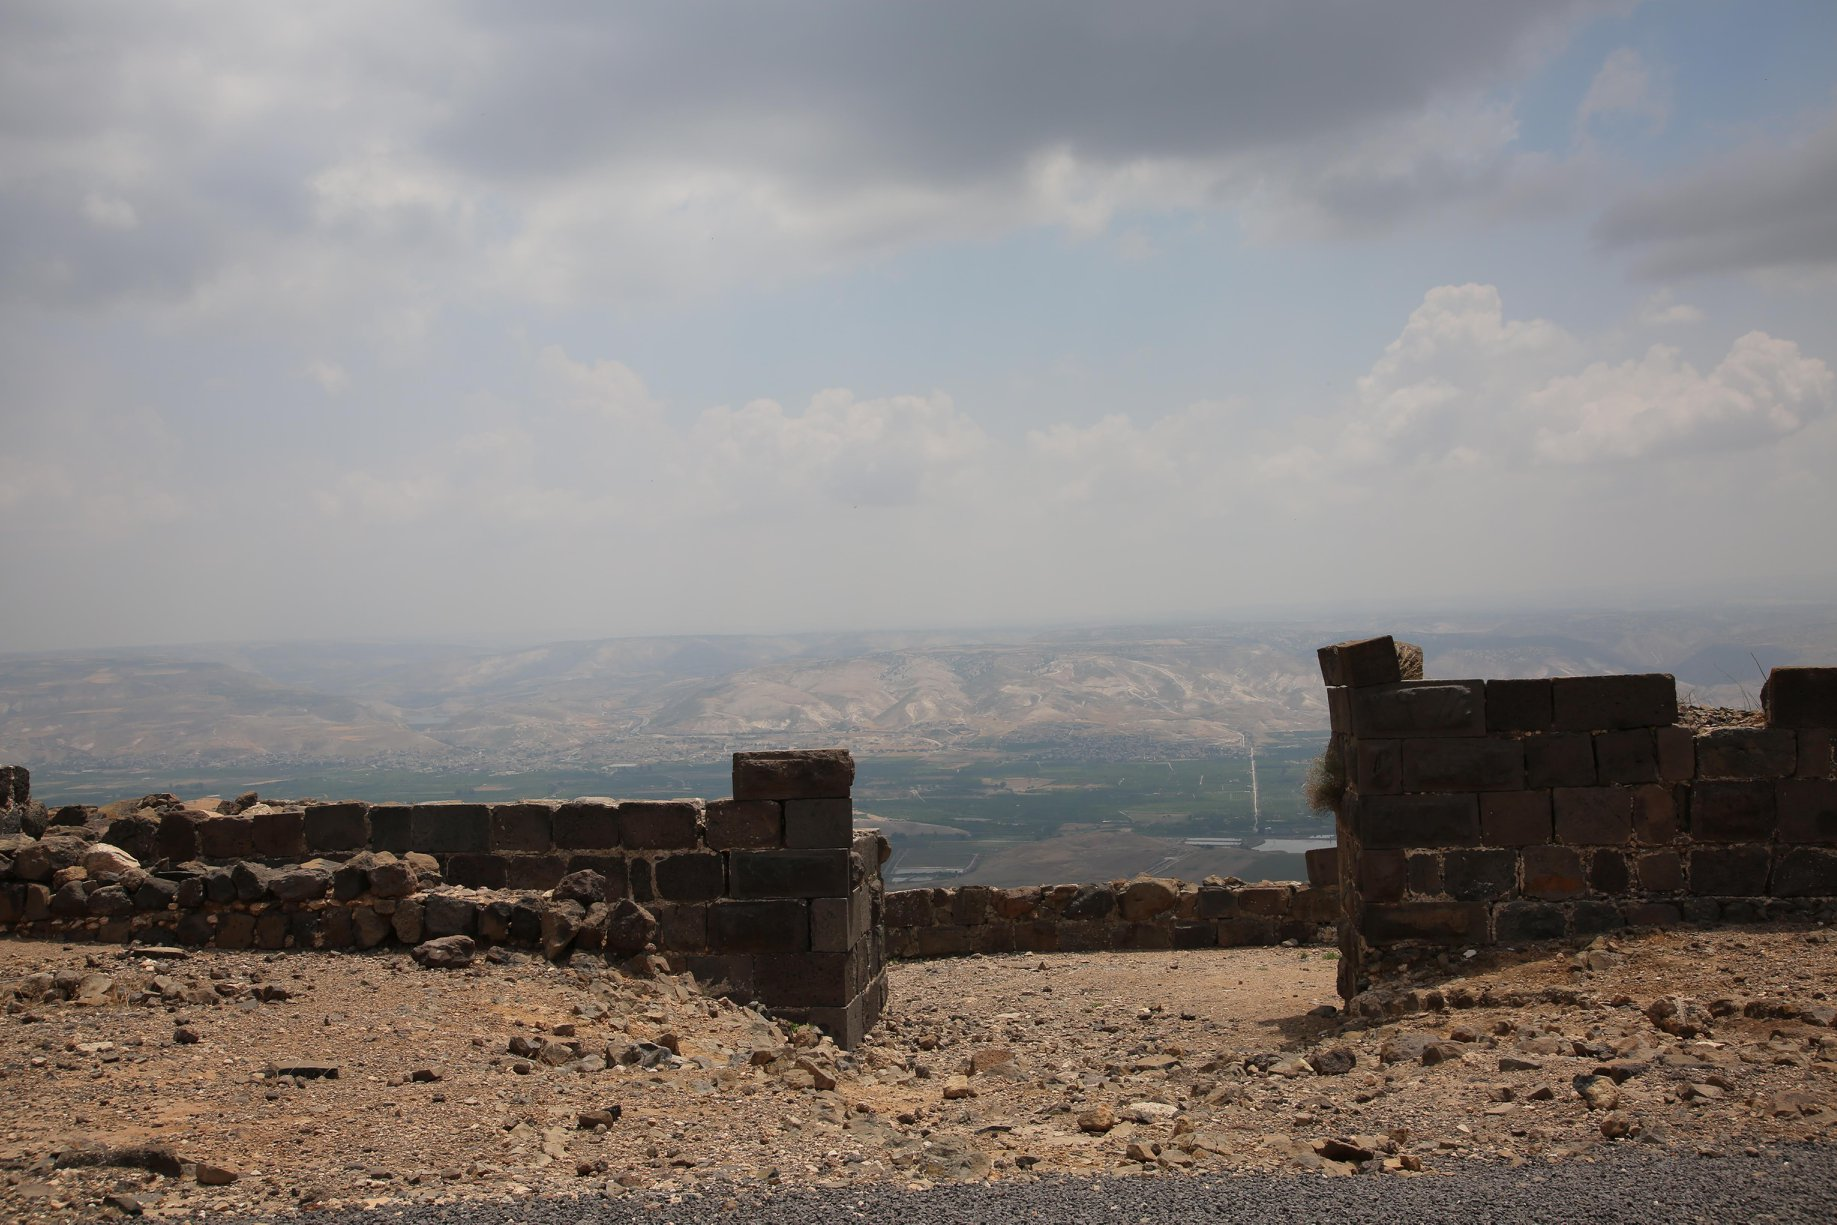 הנוף מהמבצר